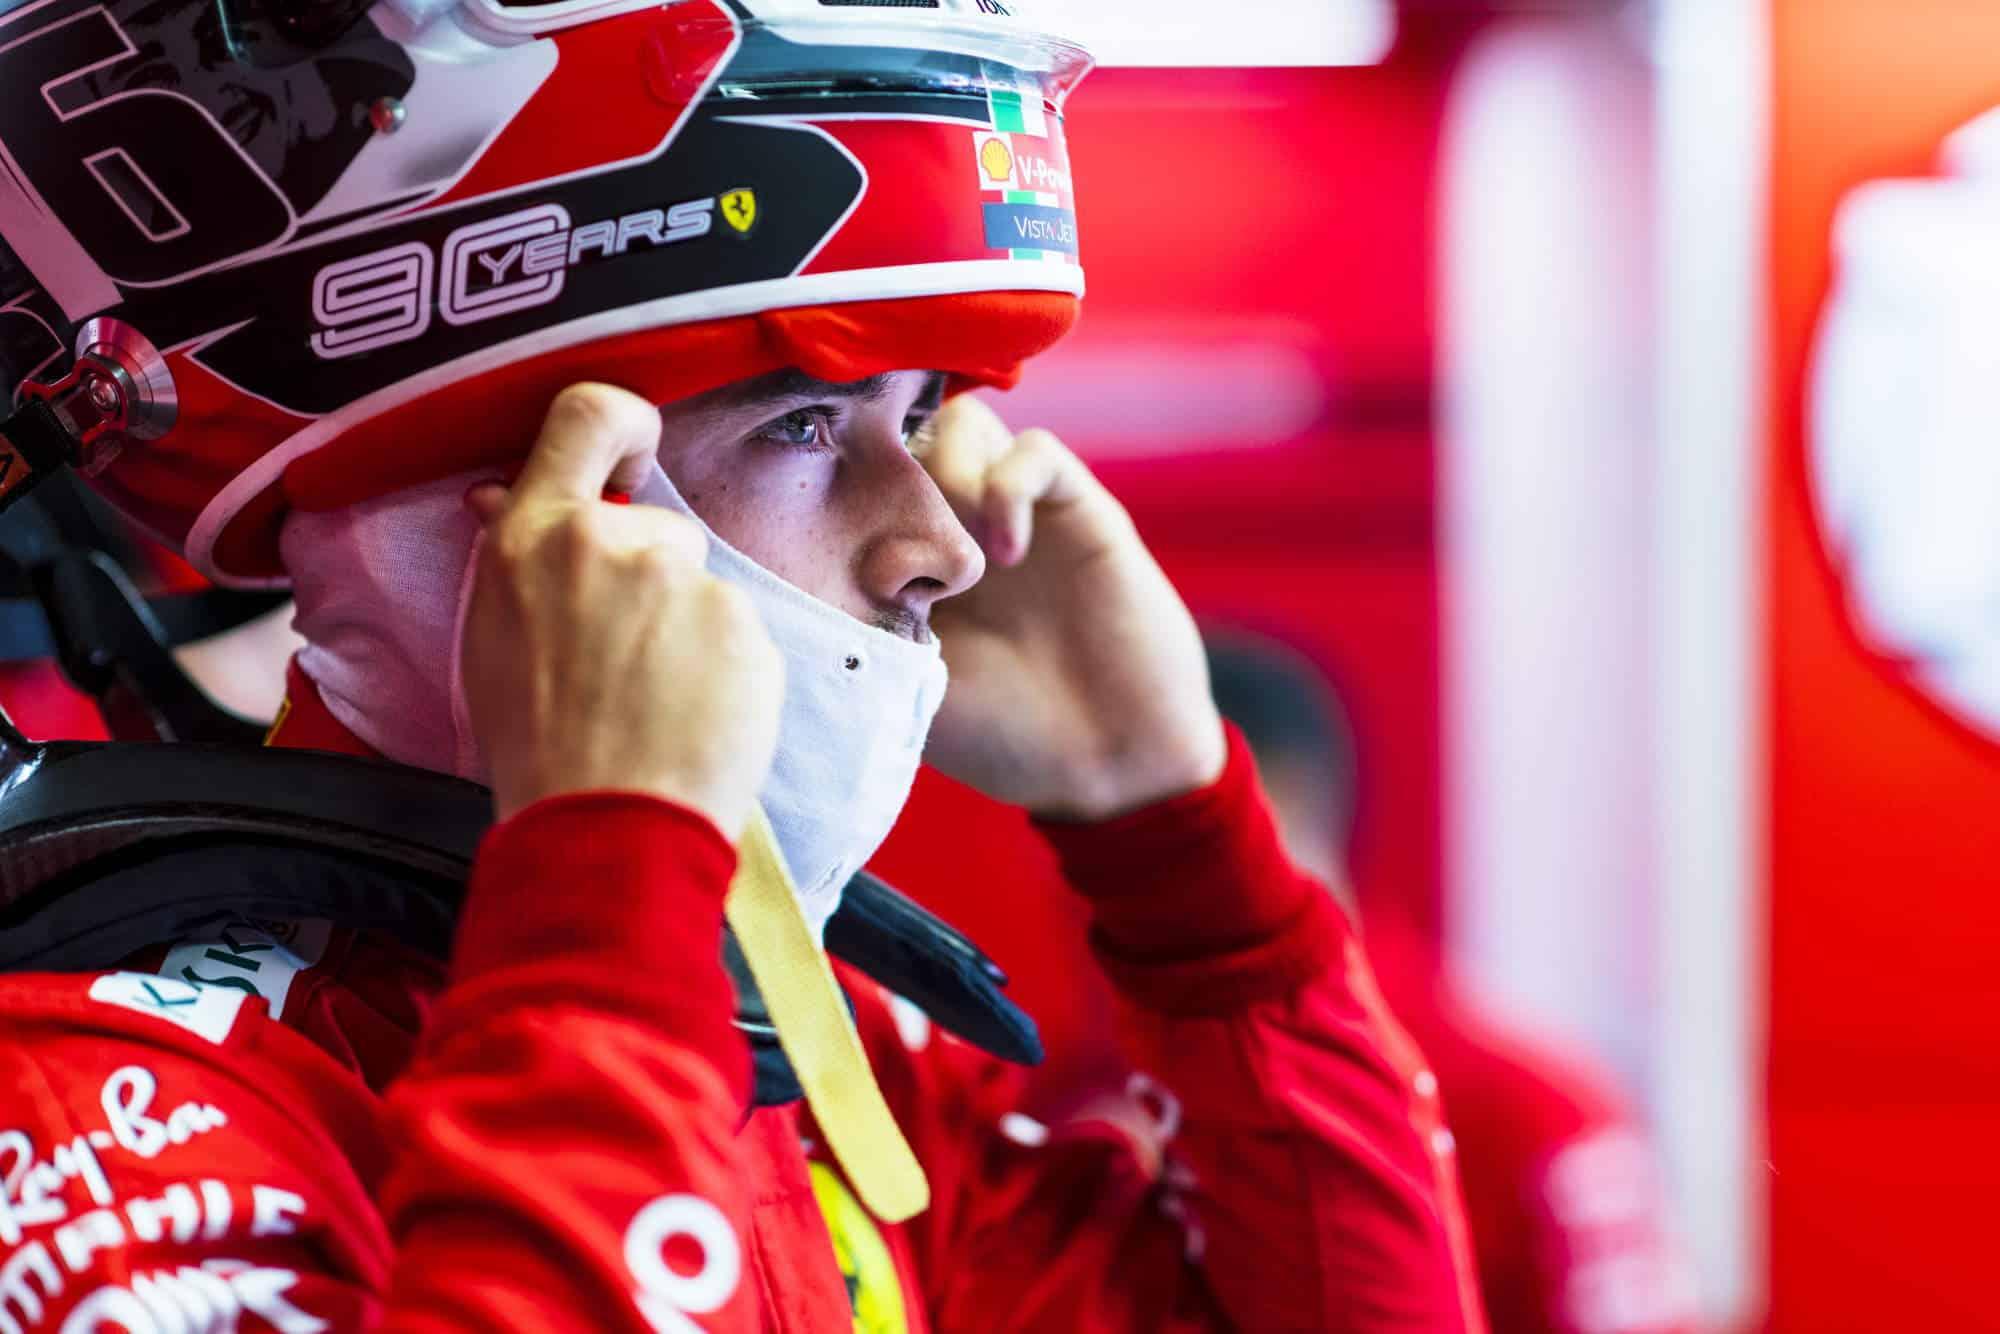 Charles Leclerc Ferrari Italian GP F1 2019 helmet in pits Photo Ferrari